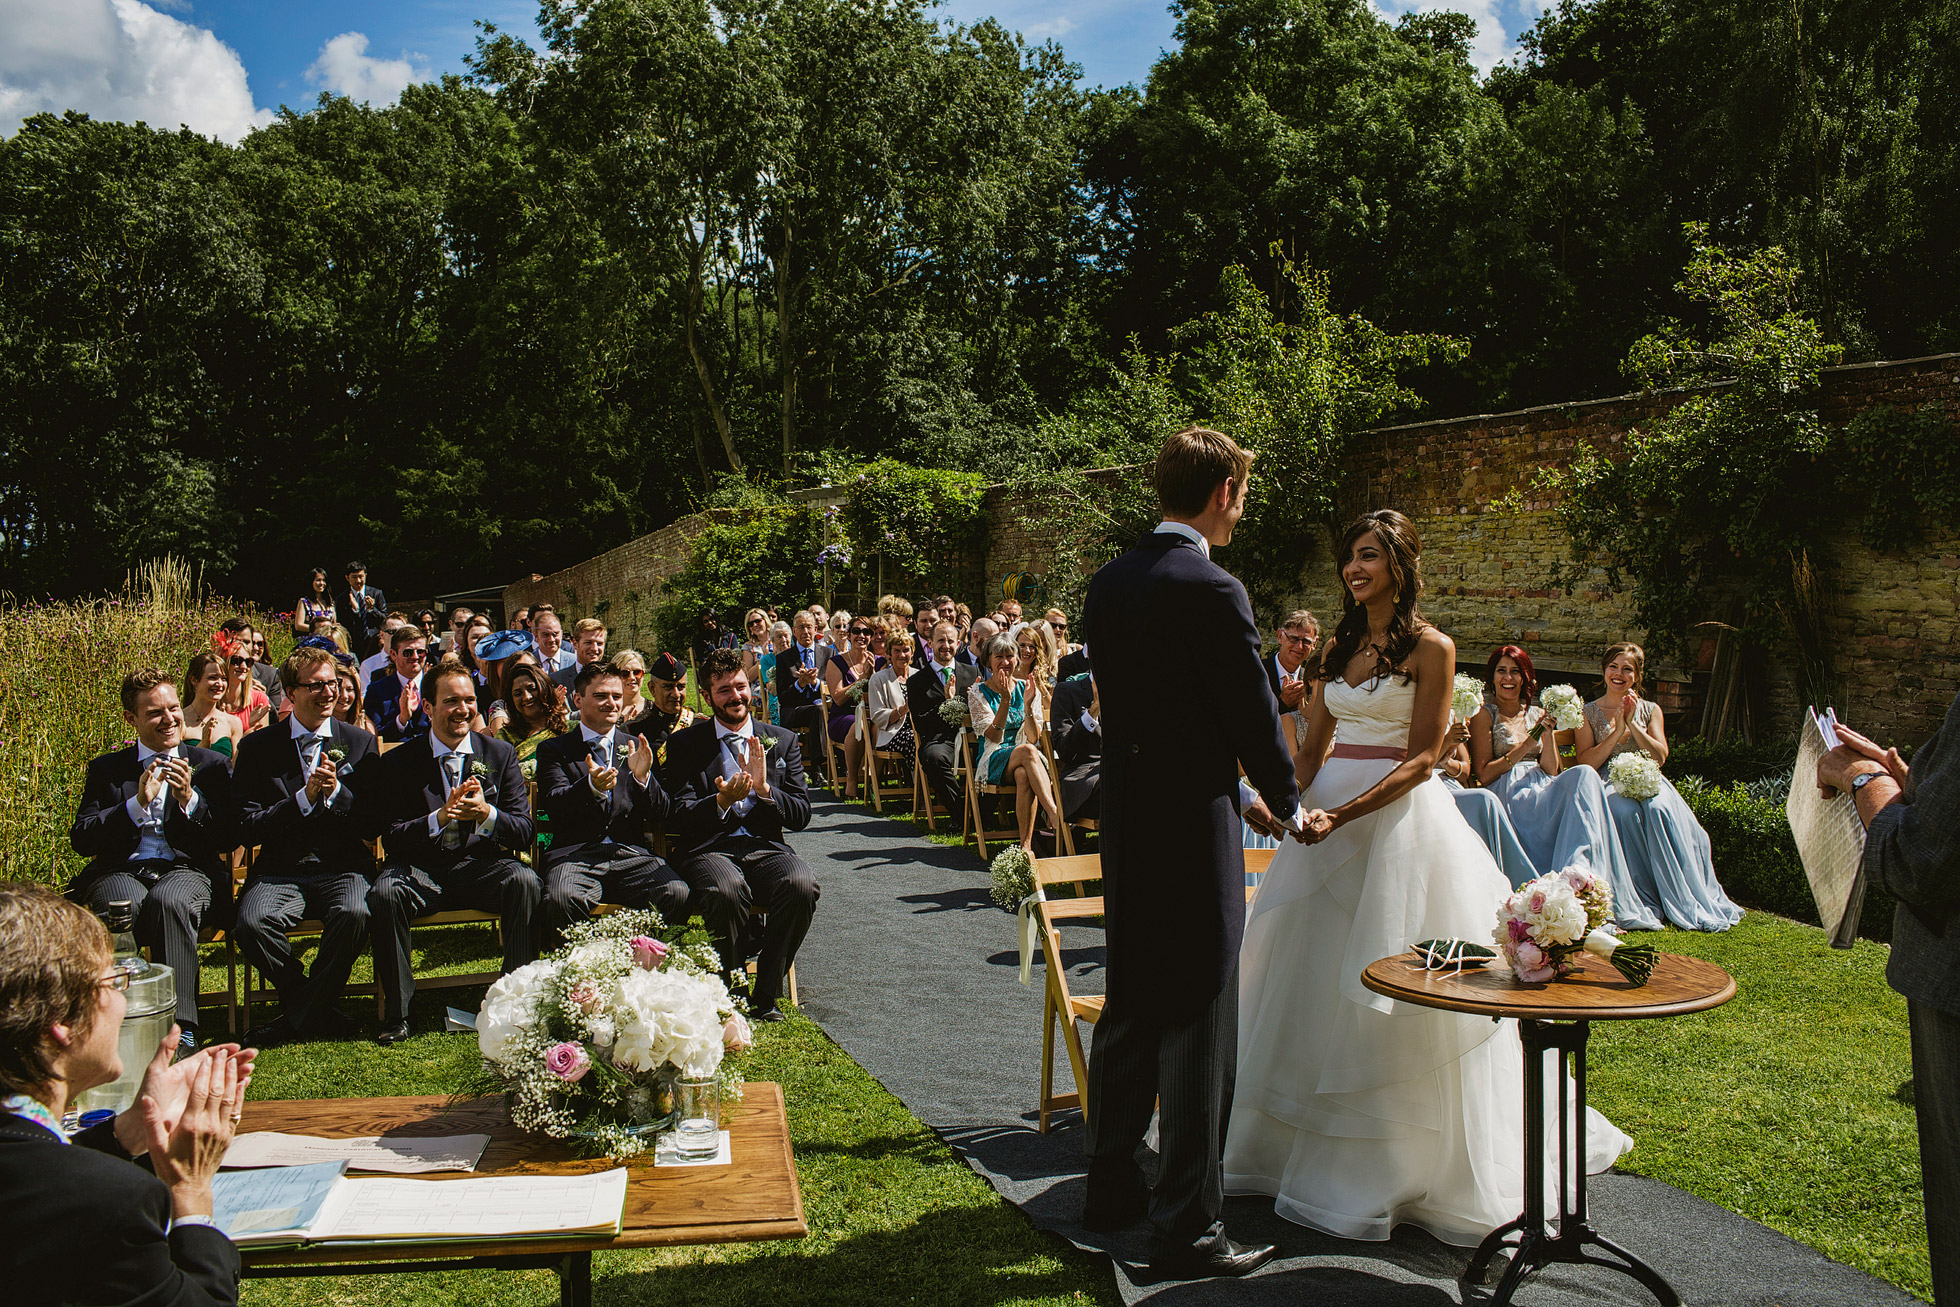 Homme House Wedding Ceremony